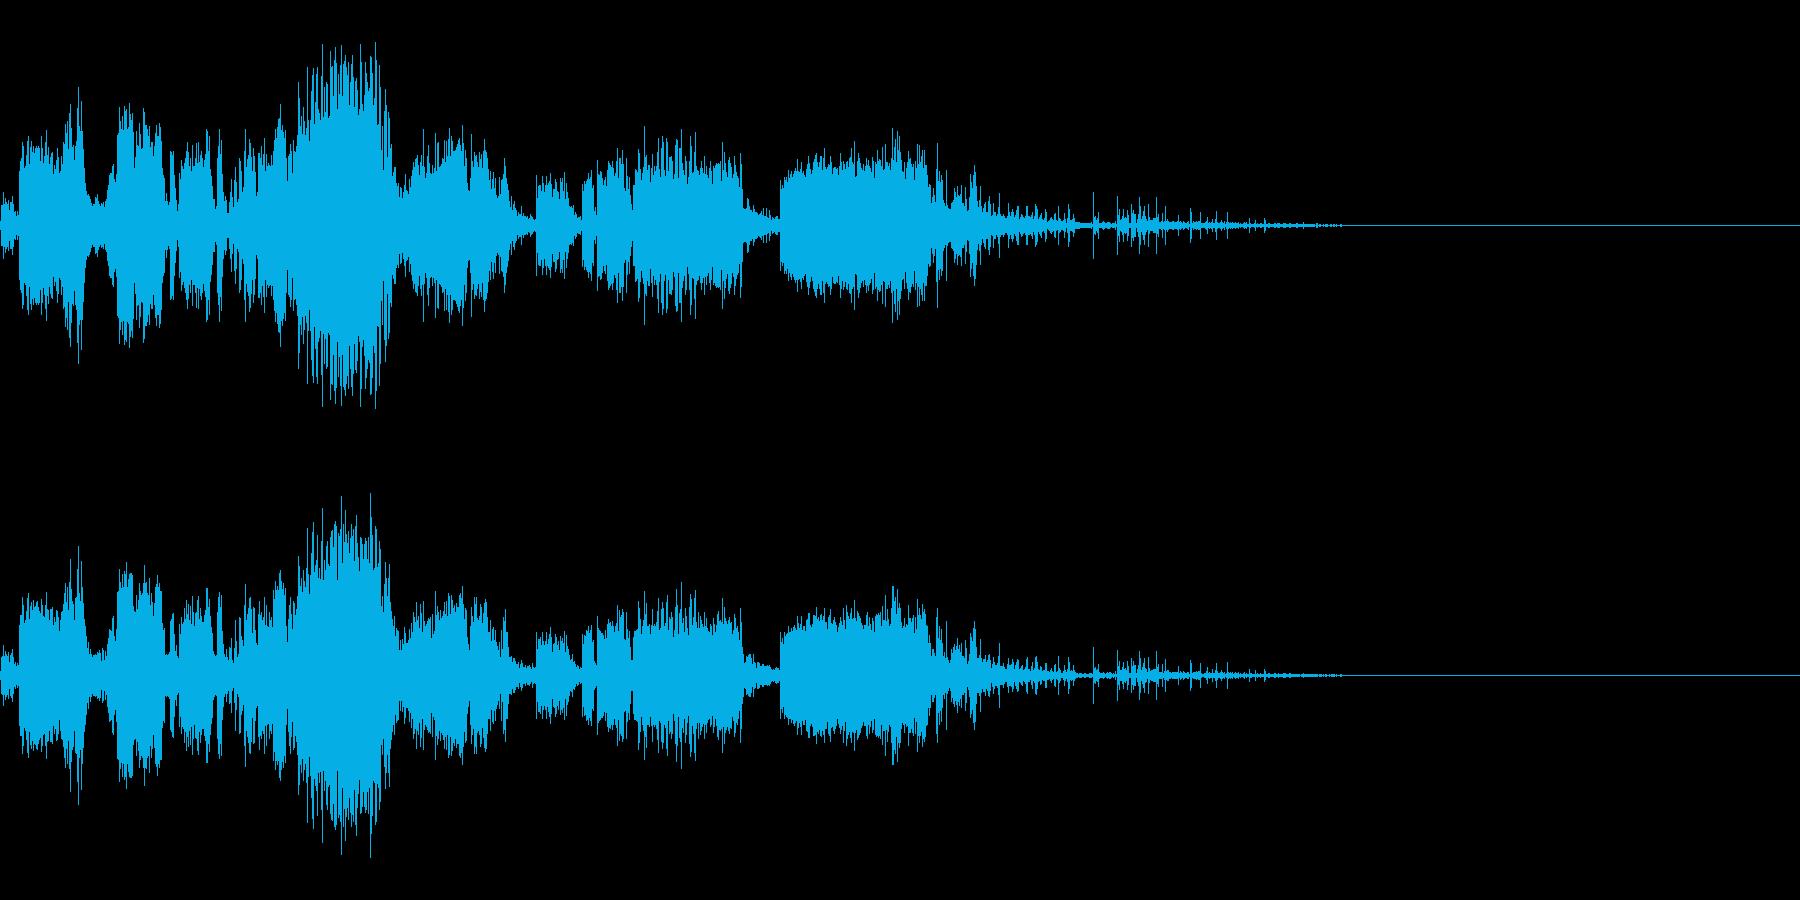 スパーク音-33の再生済みの波形